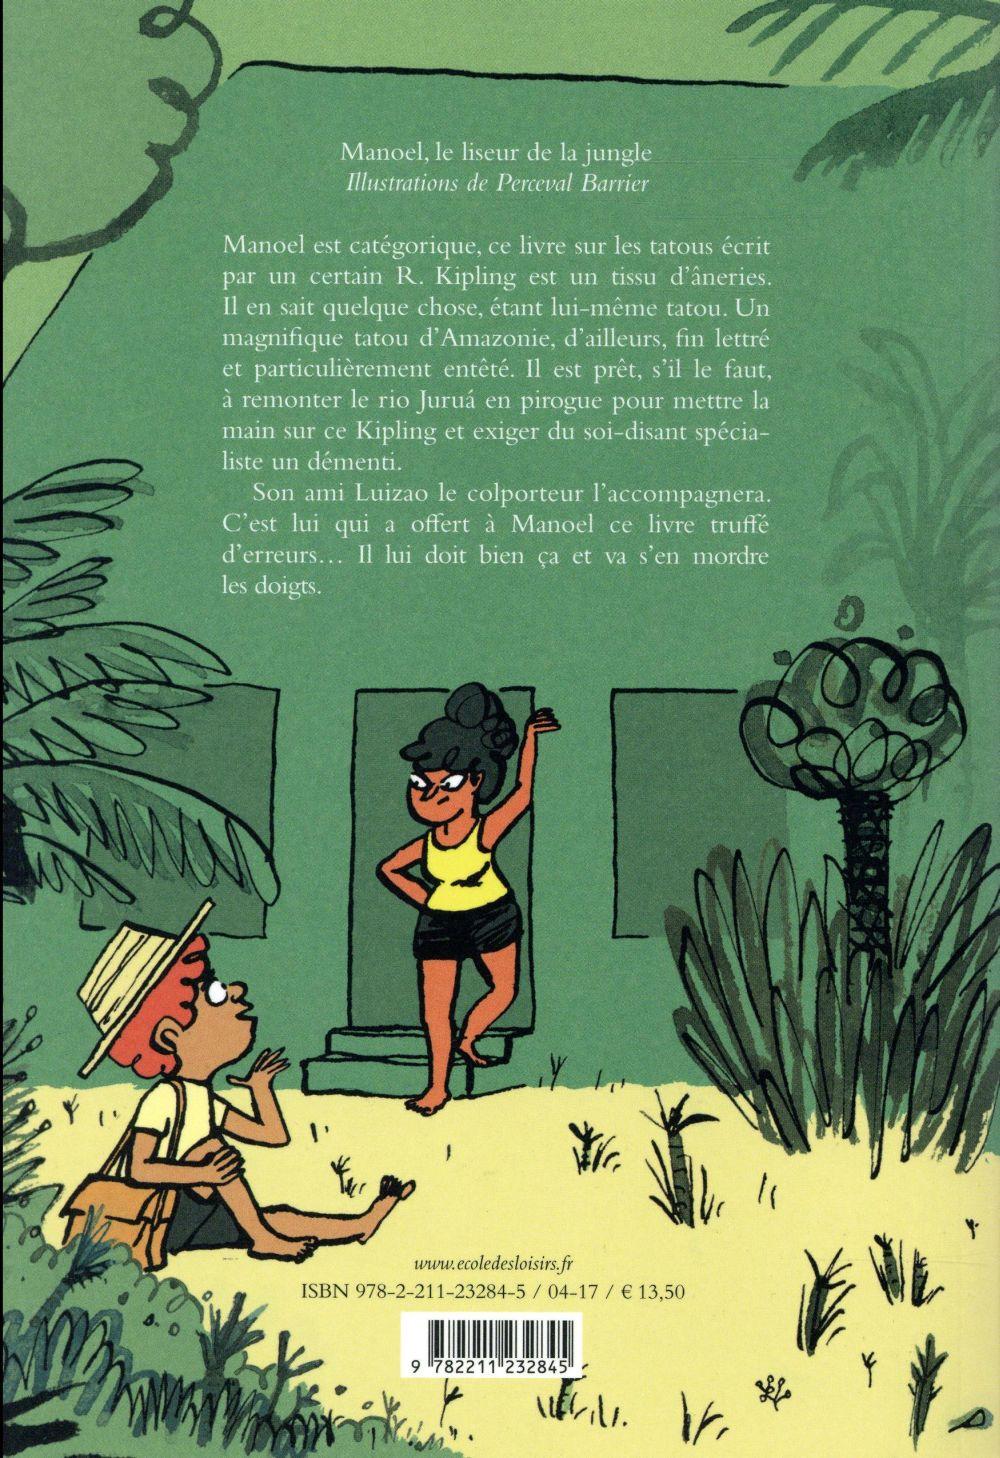 Manoel le liseur de la jungle